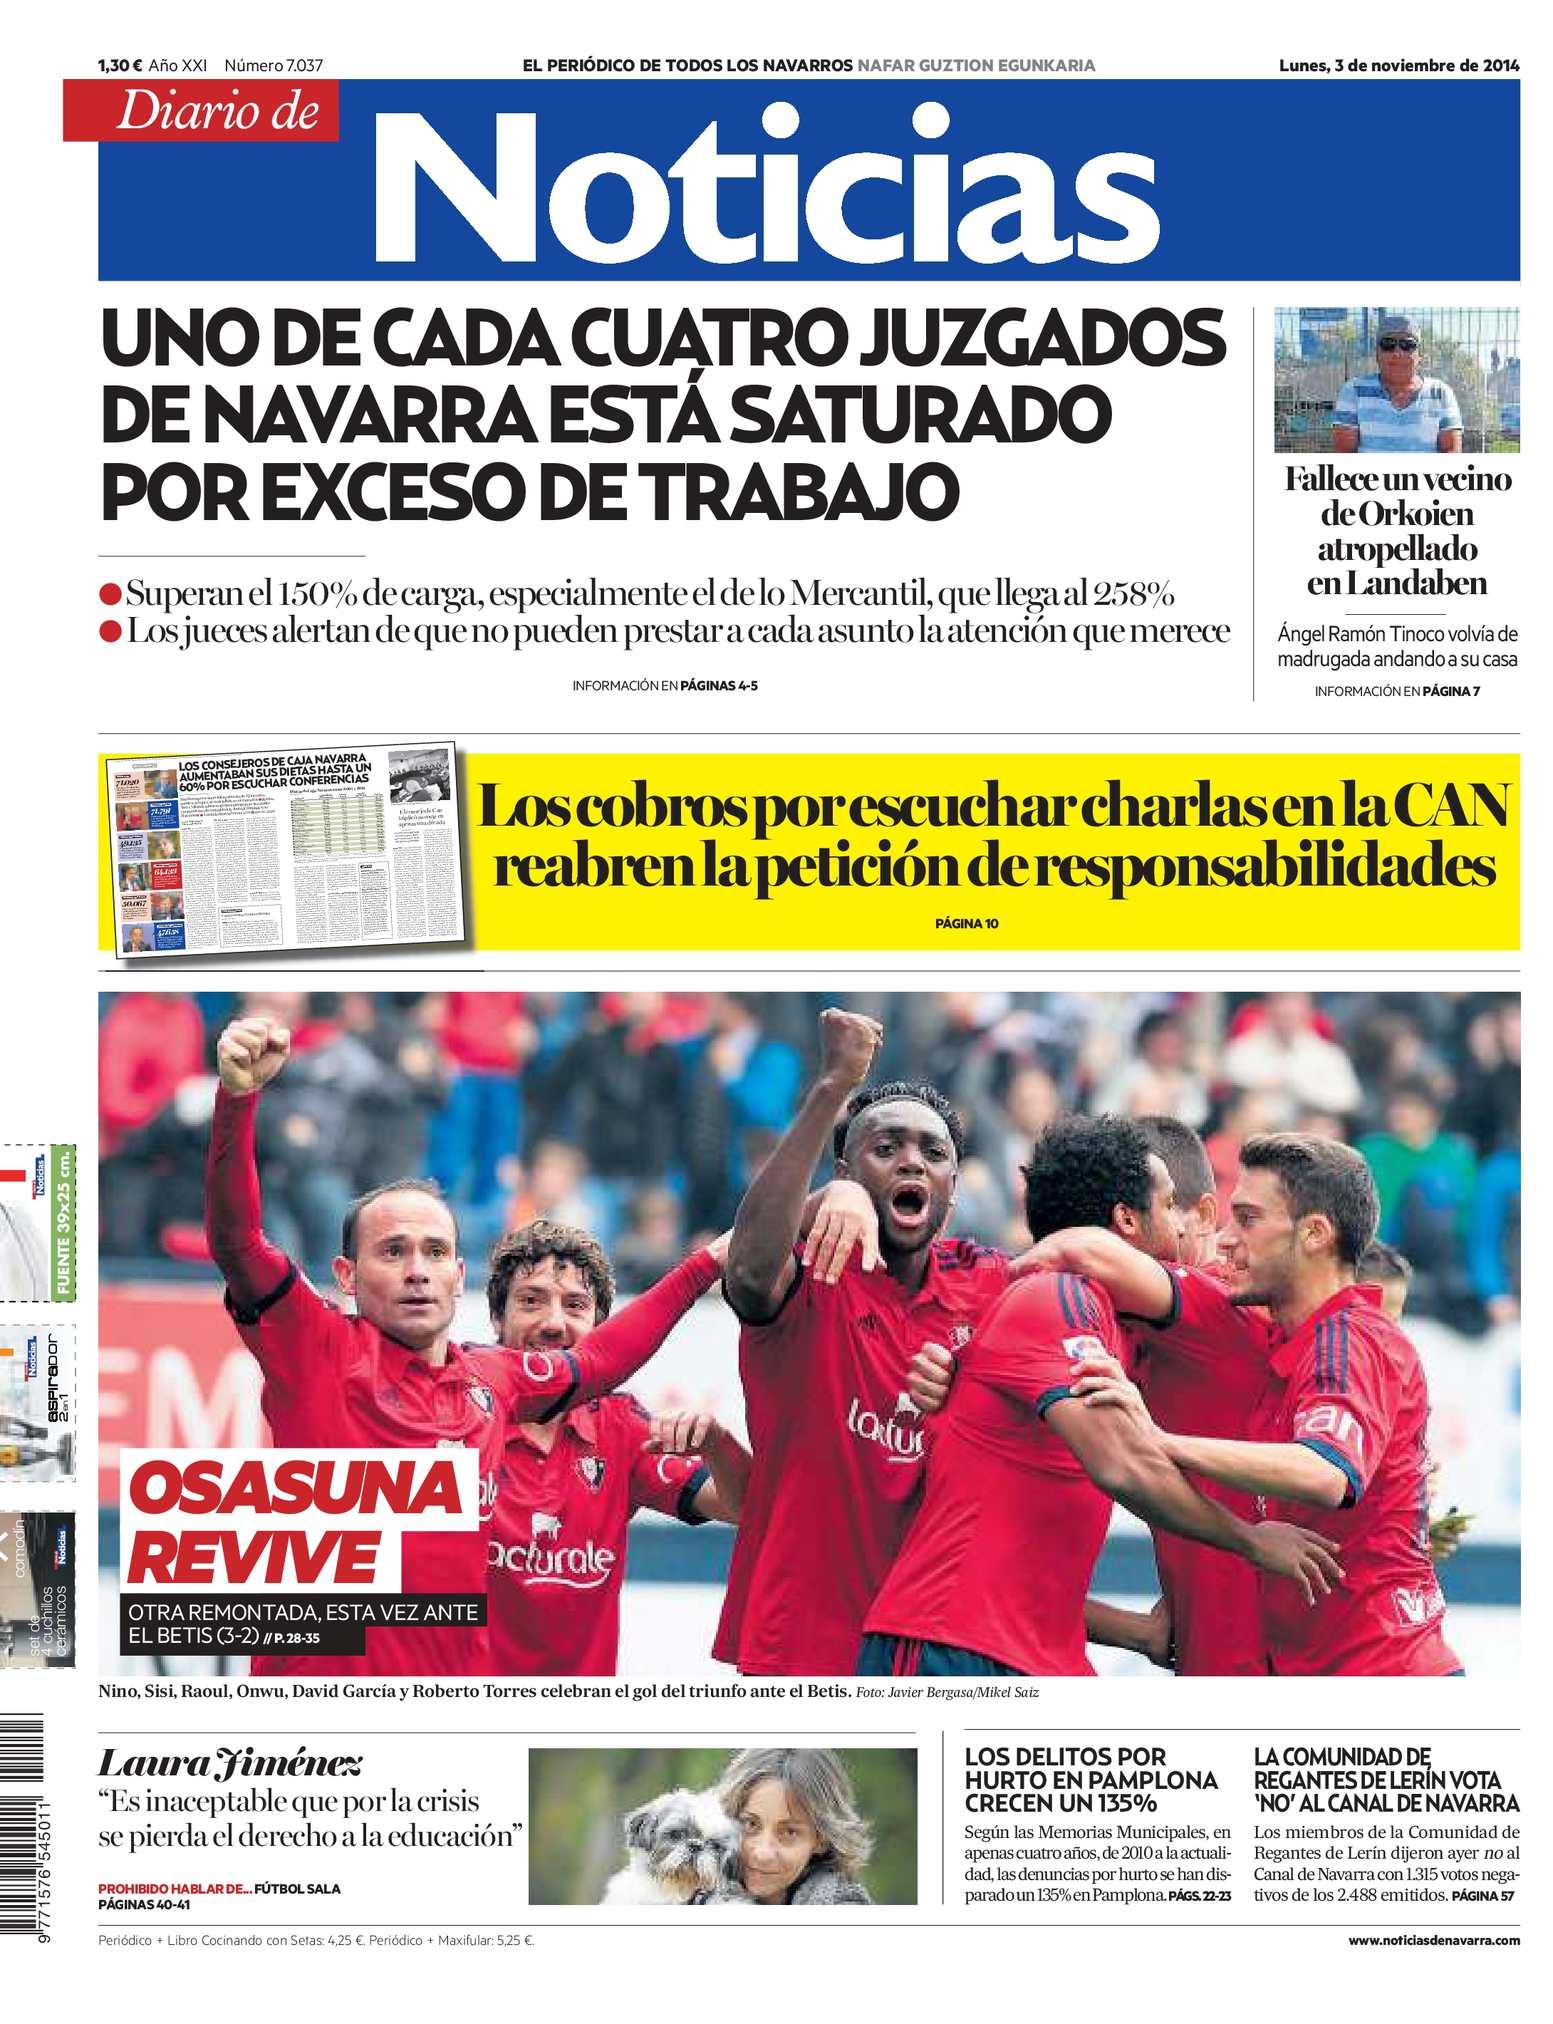 Calaméo - Diario de Noticias 20141103